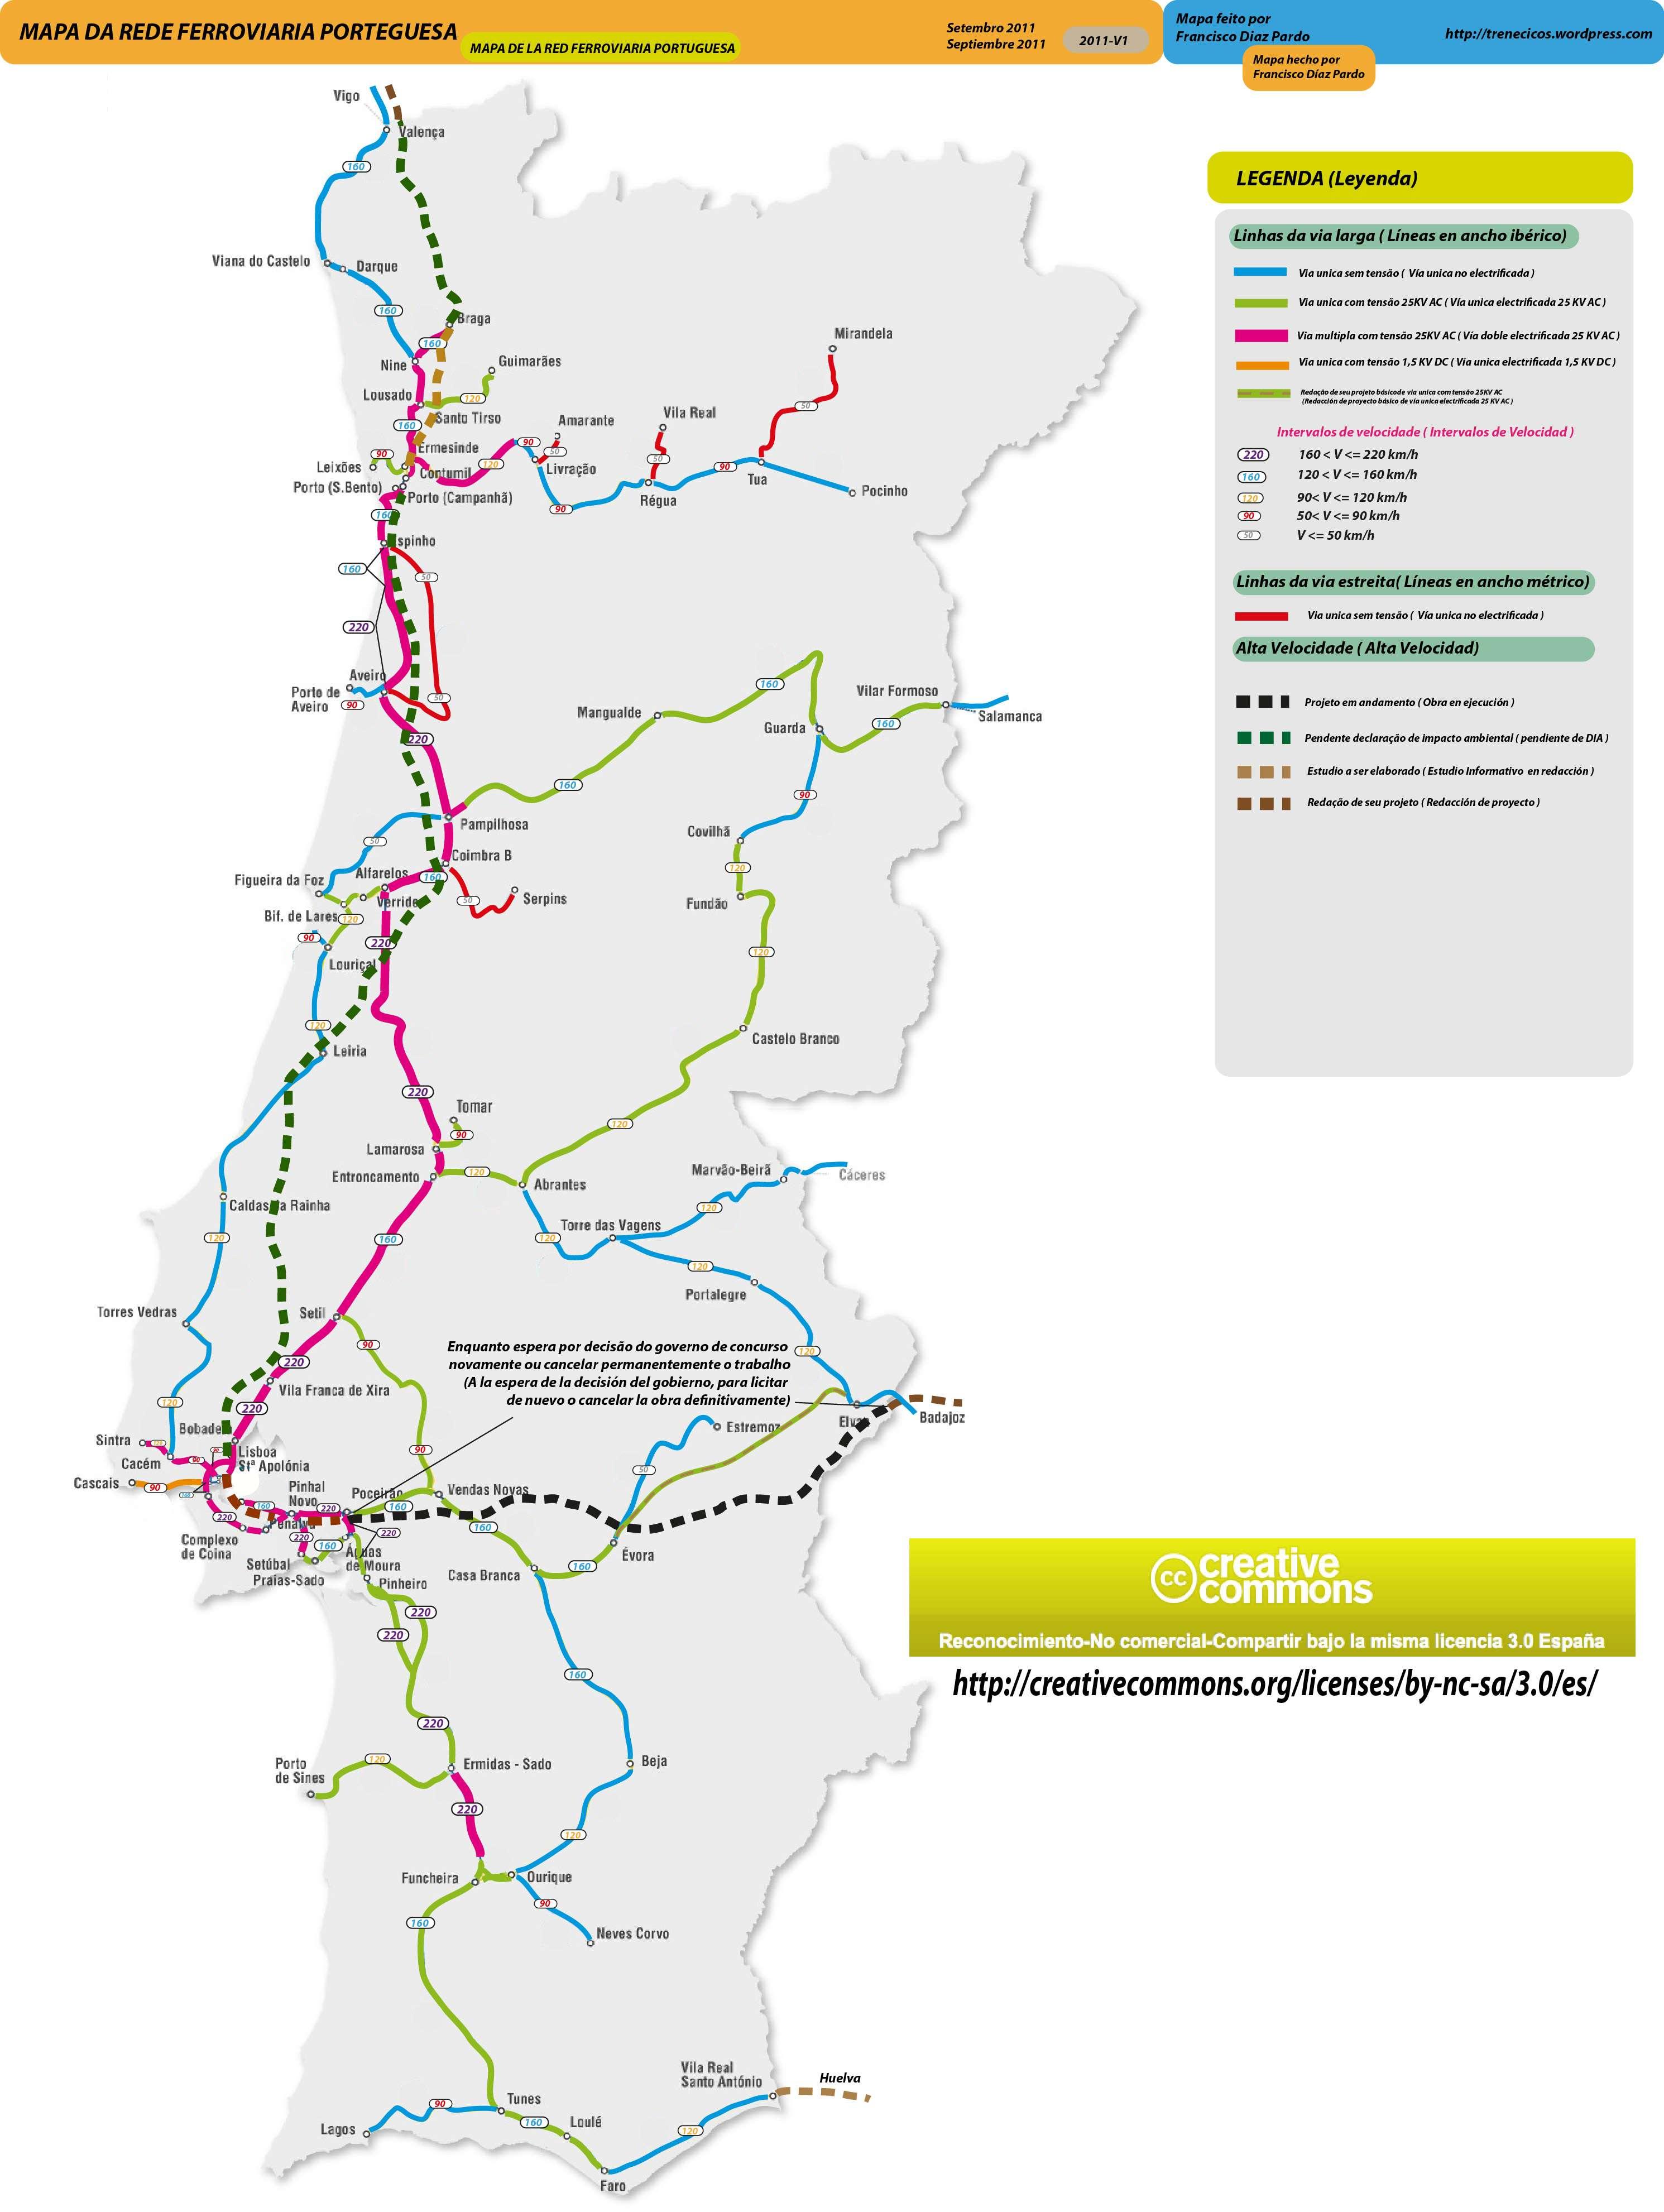 mapa rede ferroviaria portugal Mapa da rede ferroviária em Portugal   SkyscraperCity mapa rede ferroviaria portugal